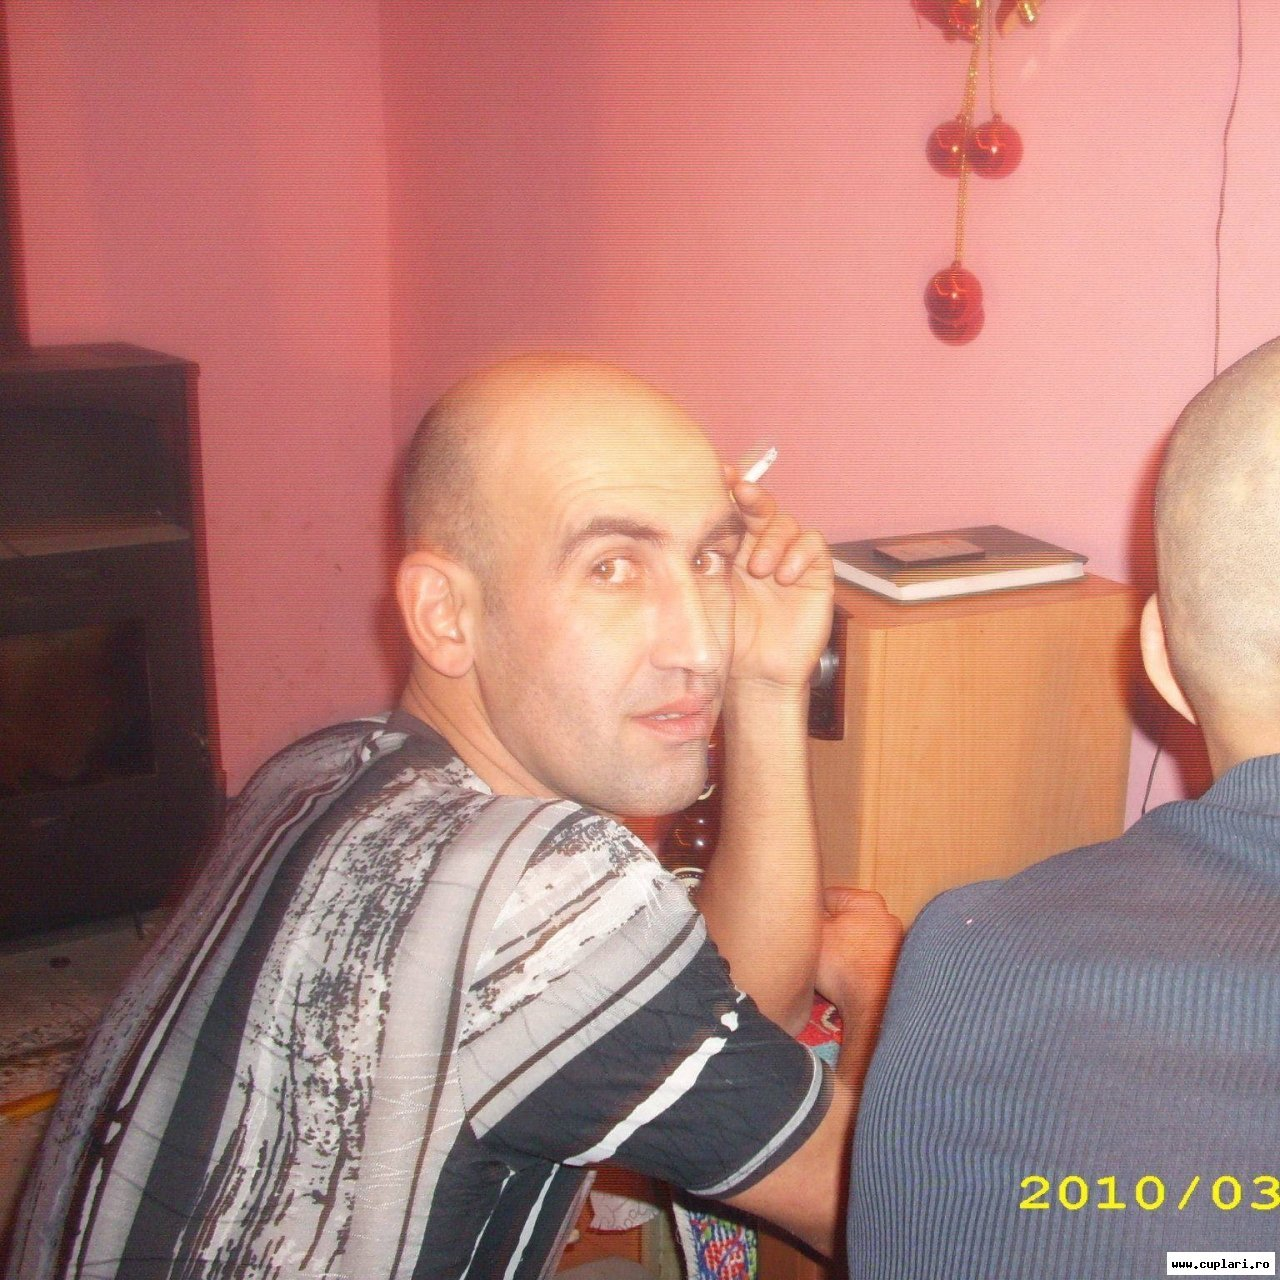 Caut frumoase bărbați din Brașov)